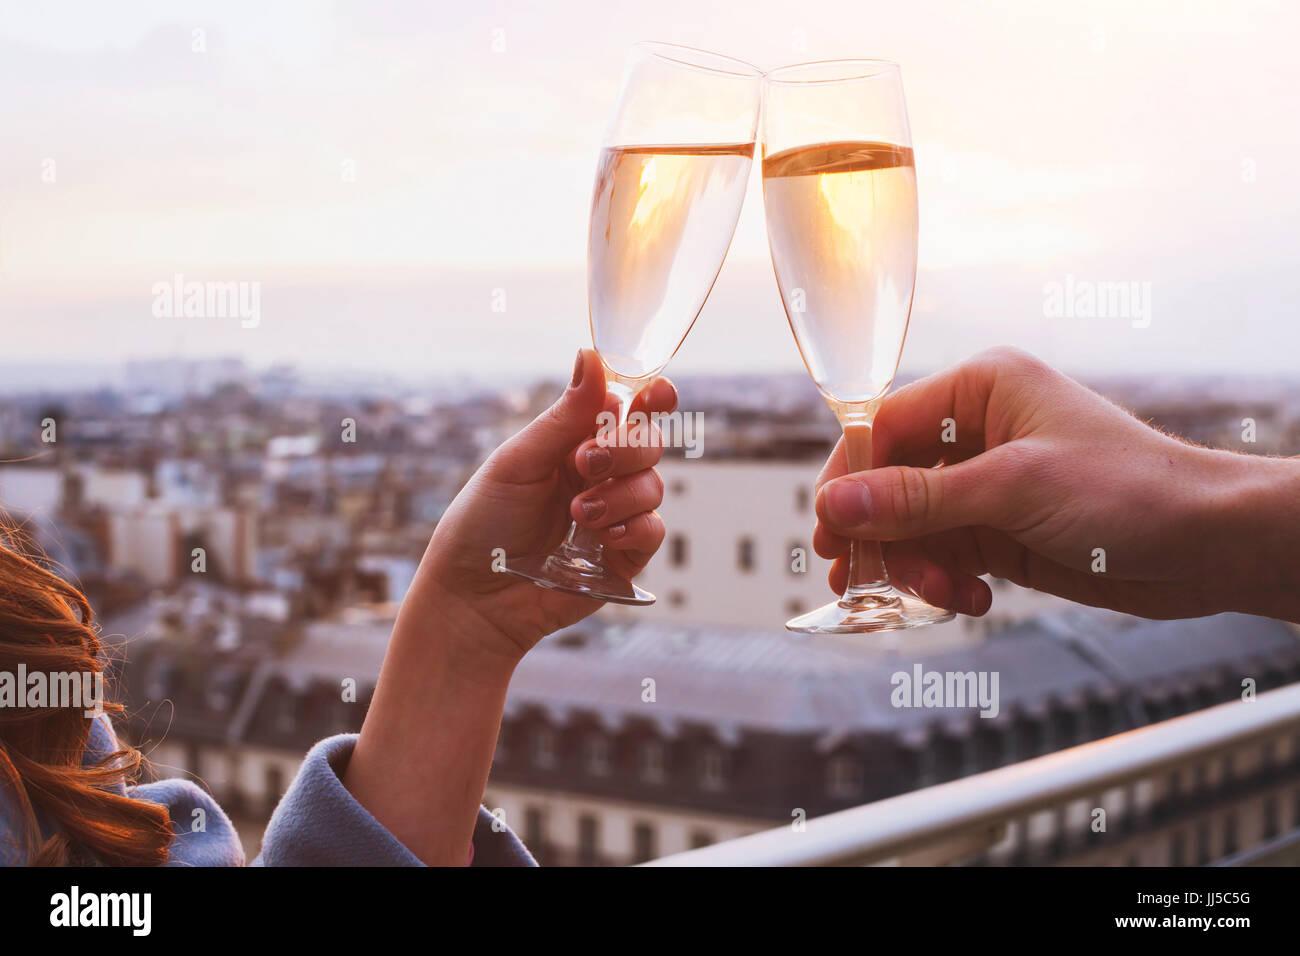 zwei Gläser Champagner oder Wein, paar, aus dem Konzept, romantische Feier der Verlobung oder Jubiläum Stockbild